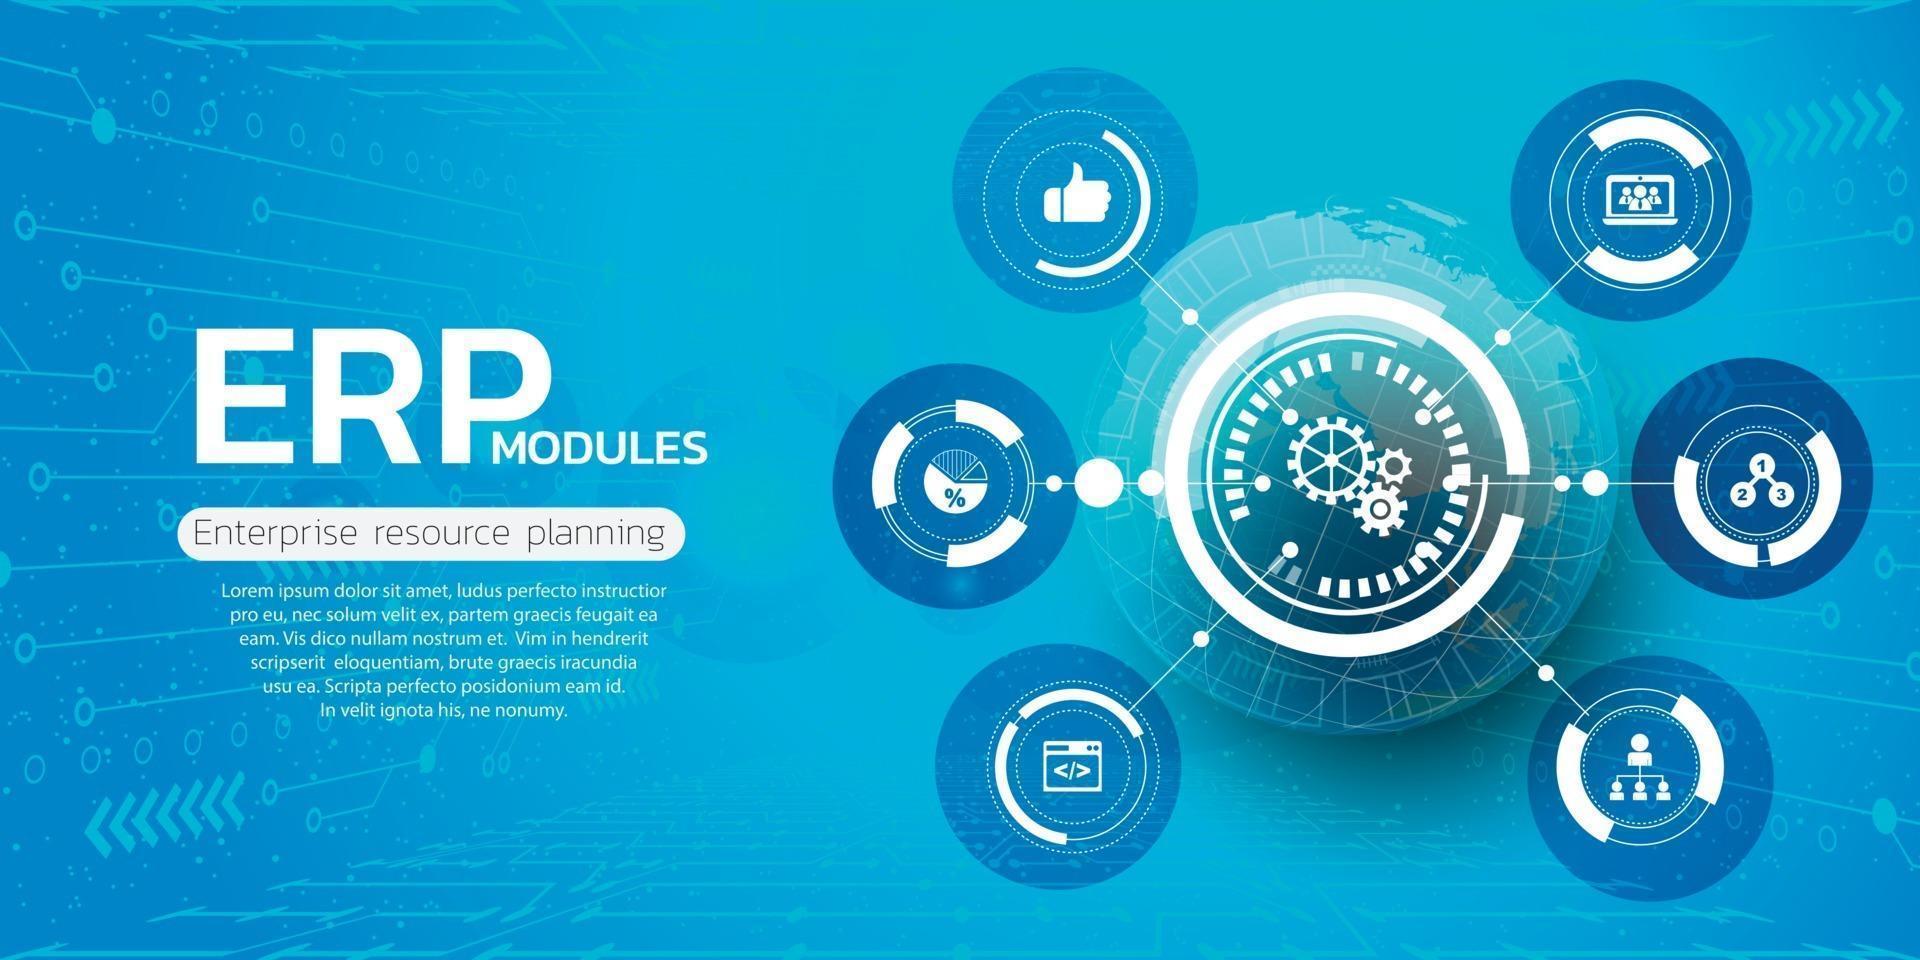 erp. entreprise de planification des ressources d'entreprise et concept technologique moderne vecteur